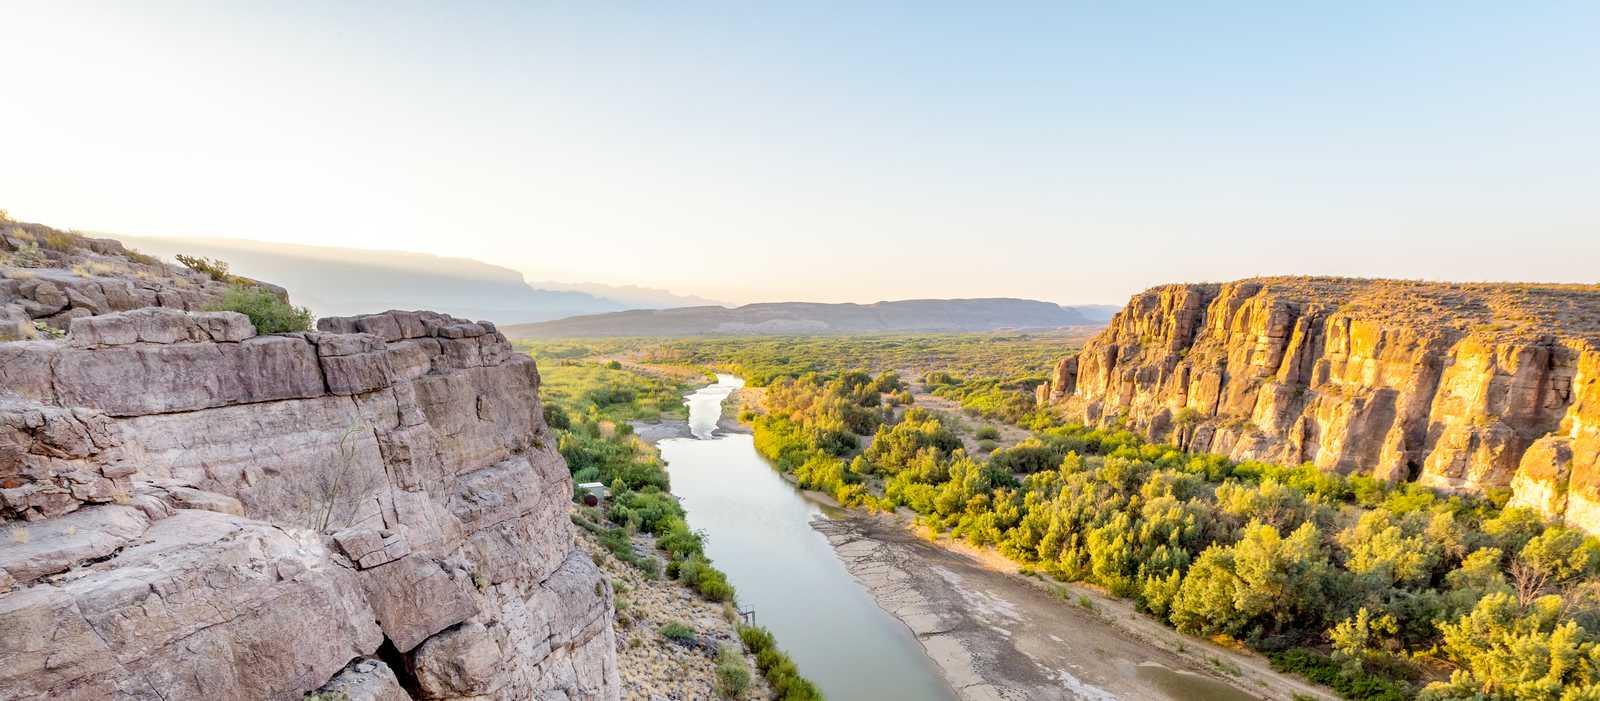 Ausblick über die Weiten des Big-Bend-Nationalparks in Texas